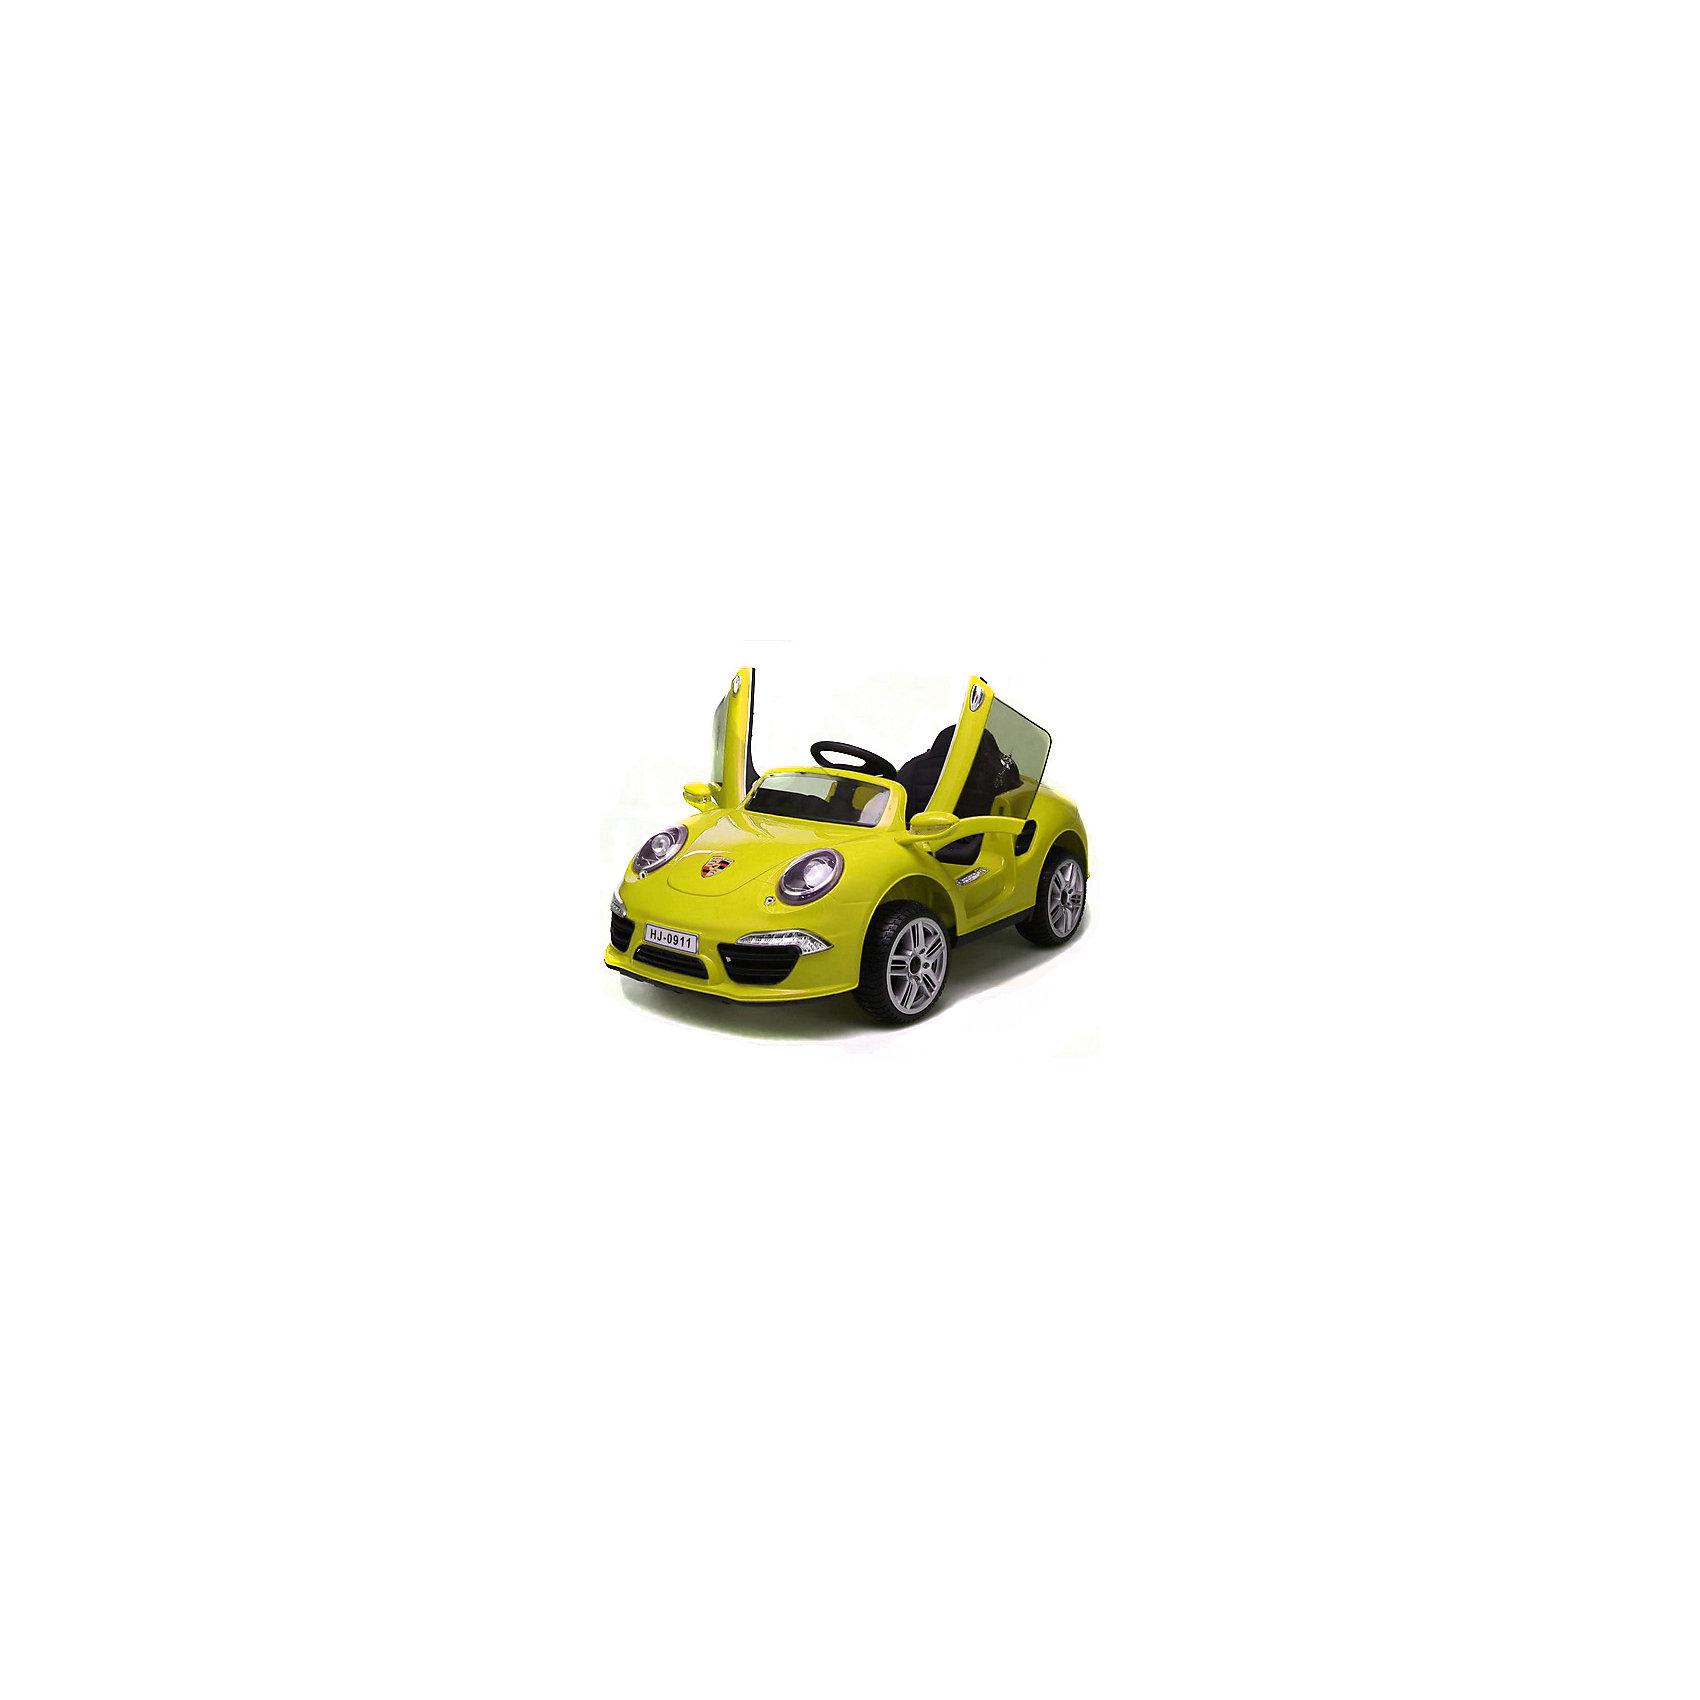 Аккумуляторная машина Порше 911, жёлтый, 1toyЭлектромобили<br>Аккумуляторная машина Порше 911, желтый, 1toy (Ван Той)<br><br>Характеристики:<br><br>• реалистичная модель Порше 911<br>• световые и звуковые эффекты<br>• регулируемая громкость<br>• 2 скорости<br>• открывающиеся двери<br>• светящиеся колеса<br>• MP3<br>• скорость до 5 км/ч<br>• радиус действия ПДУ: до 20 метров<br>• мотор: 2х25 Вт<br>• аккумулятор: 2х6В/4,5 Ач<br>• время игры: до 2 часов<br>• время зарядки: 8-12 часов<br>• размер игрушки: 120х69х50 см<br>• вес: 15 кг<br>• максимальная нагрузка: 30 кг<br>• цвет: желтый<br><br>С электромобилем Порше 911 ваш ребенок сможет почувствовать себя настоящим водителем! Машина имеет очень реалистичный дизайн. Дверцы открываются, чтобы маленький гонщик смог воспользоваться электромобилем, как настоящей машиной. Порше 911 имеет световые и звуковые эффекты, а также музыкальное сопровождение. Громкость звука можно регулировать. <br><br>Большой радиус действия пульта управления (до 20 метров) позволит вам контролировать движение ребенка на большом расстоянии. Автомобиль имеет две скорости движения до 5 км/ч. Эта игрушка вызовет восторг у каждого начинающего водителя!<br><br>Аккумуляторную машину Порше 911, желтый, 1toy (Ван Той) вы можете купить в нашем интернет-магазине.<br><br>Ширина мм: 1200<br>Глубина мм: 320<br>Высота мм: 570<br>Вес г: 18000<br>Возраст от месяцев: 36<br>Возраст до месяцев: 2147483647<br>Пол: Унисекс<br>Возраст: Детский<br>SKU: 5440869